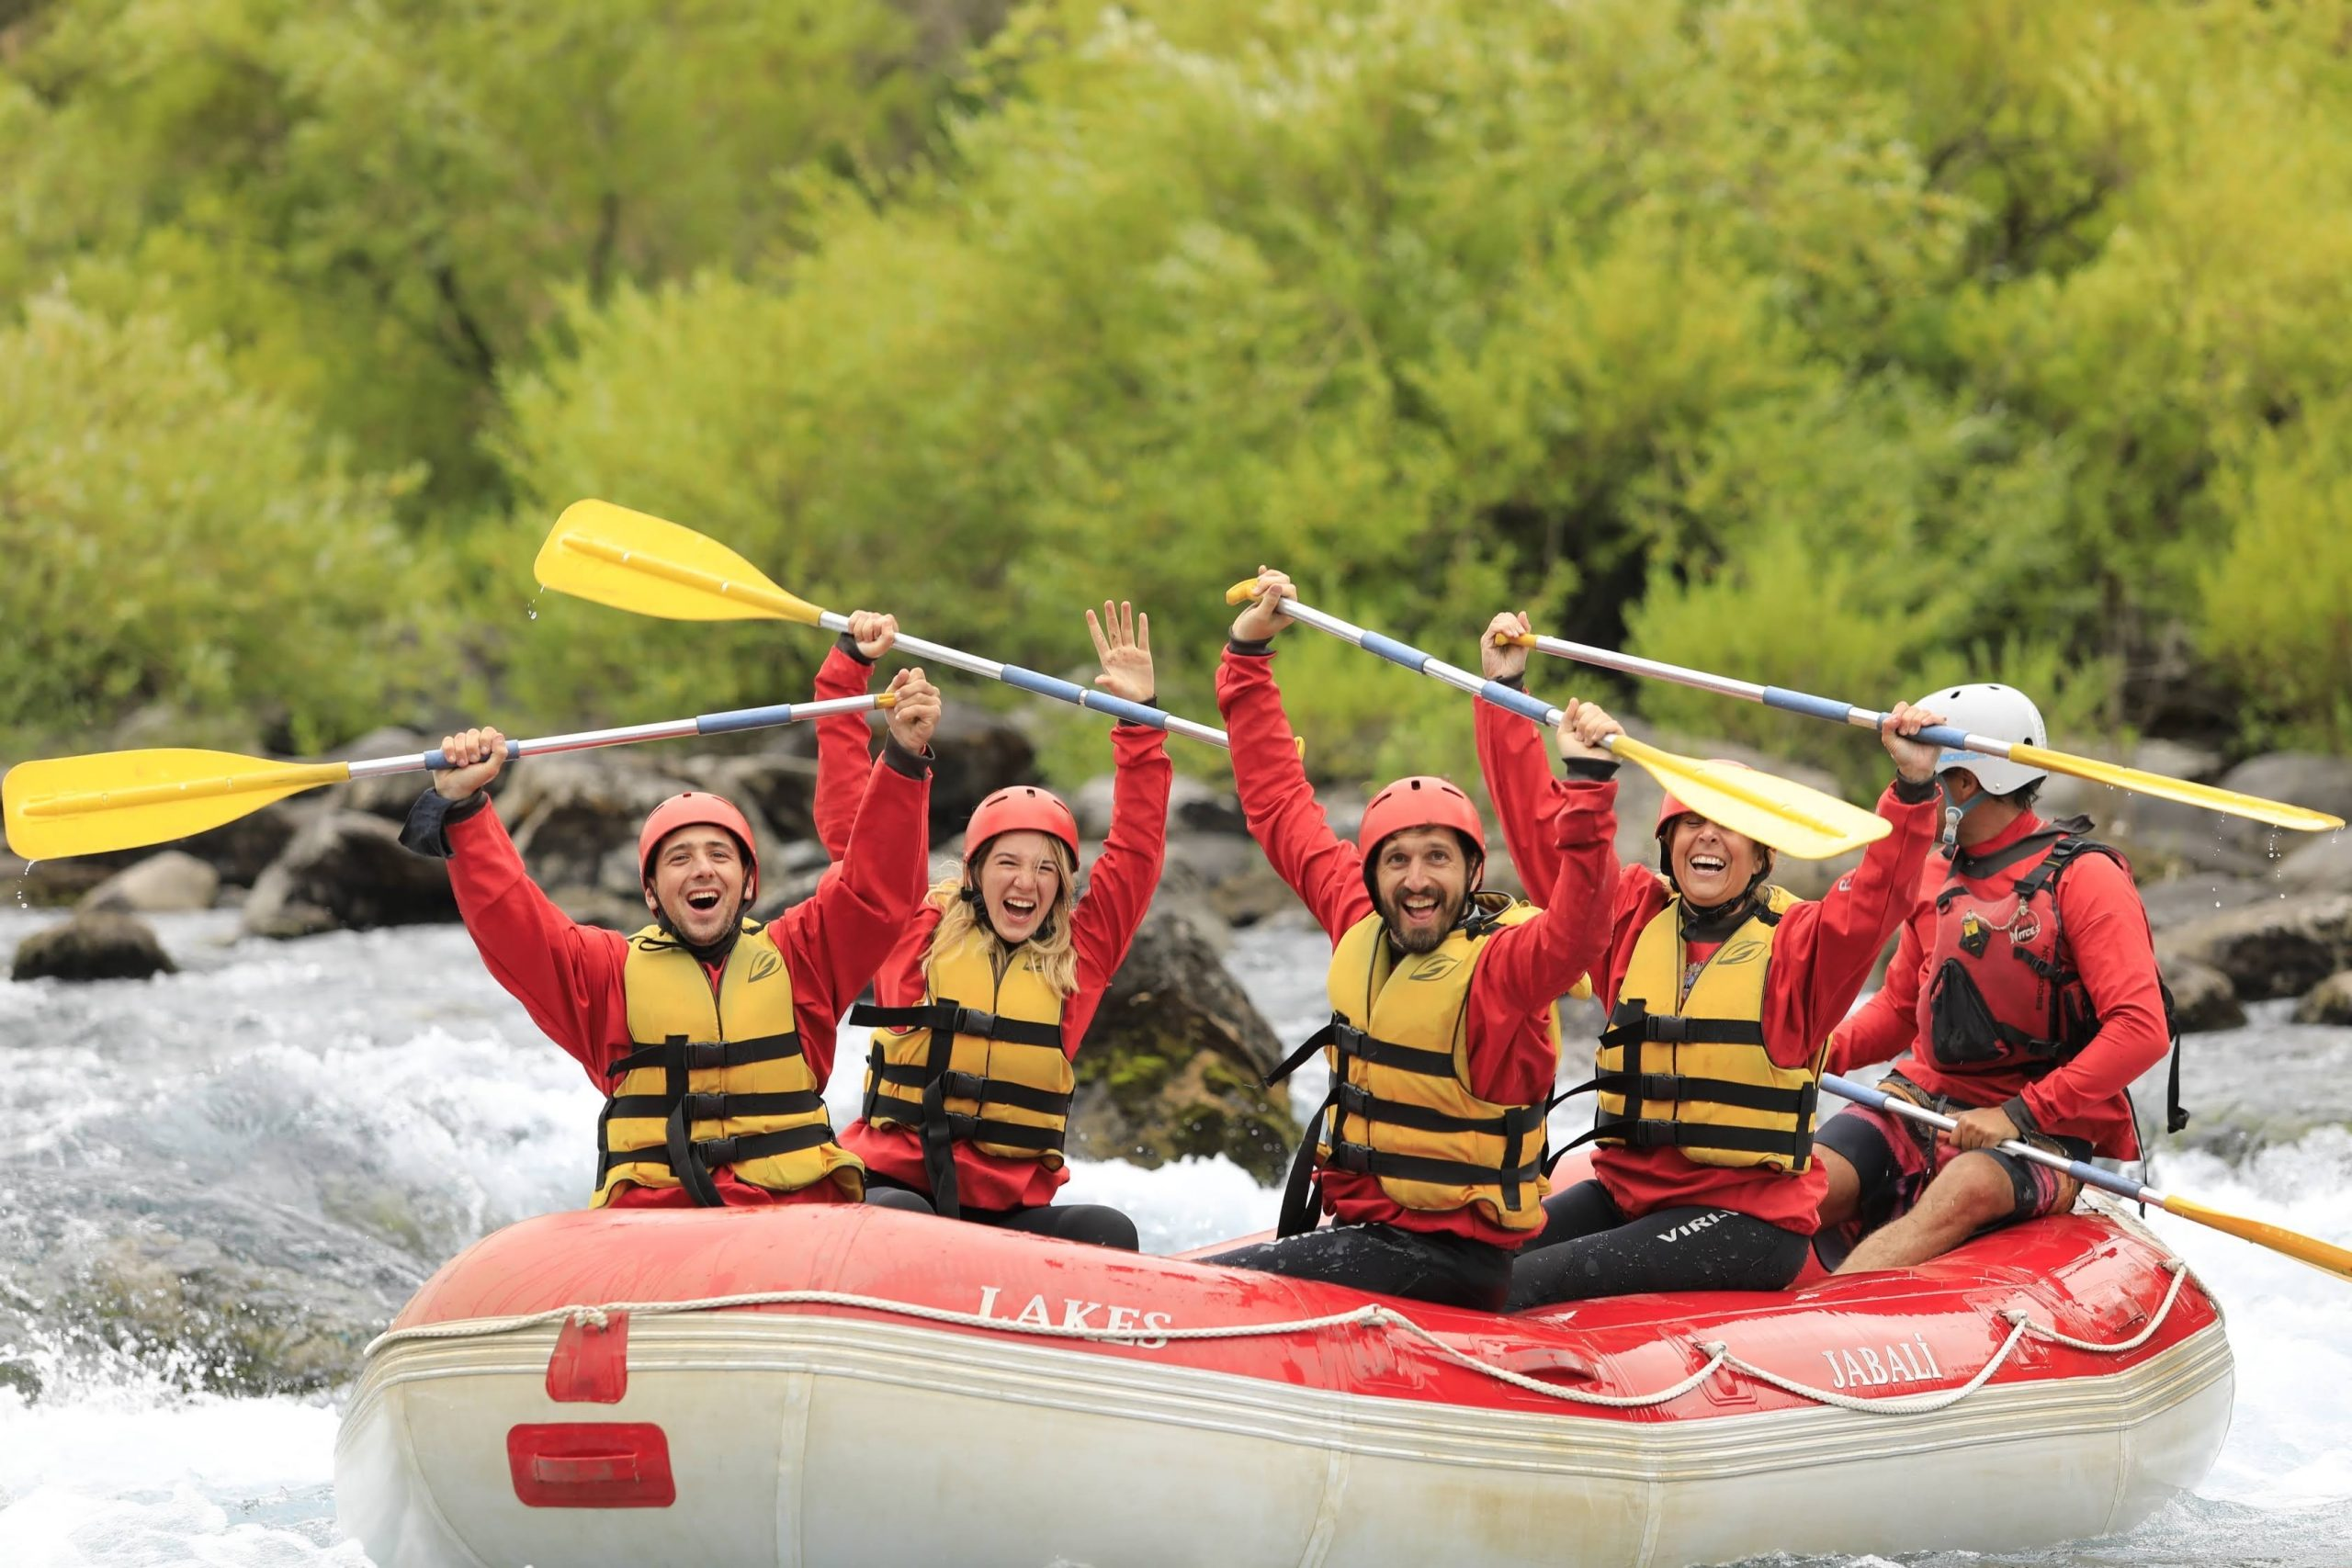 Jabalí Rafting: Gomones, chapuzones, adrenalina y carcajadas en el Río Chimehuin